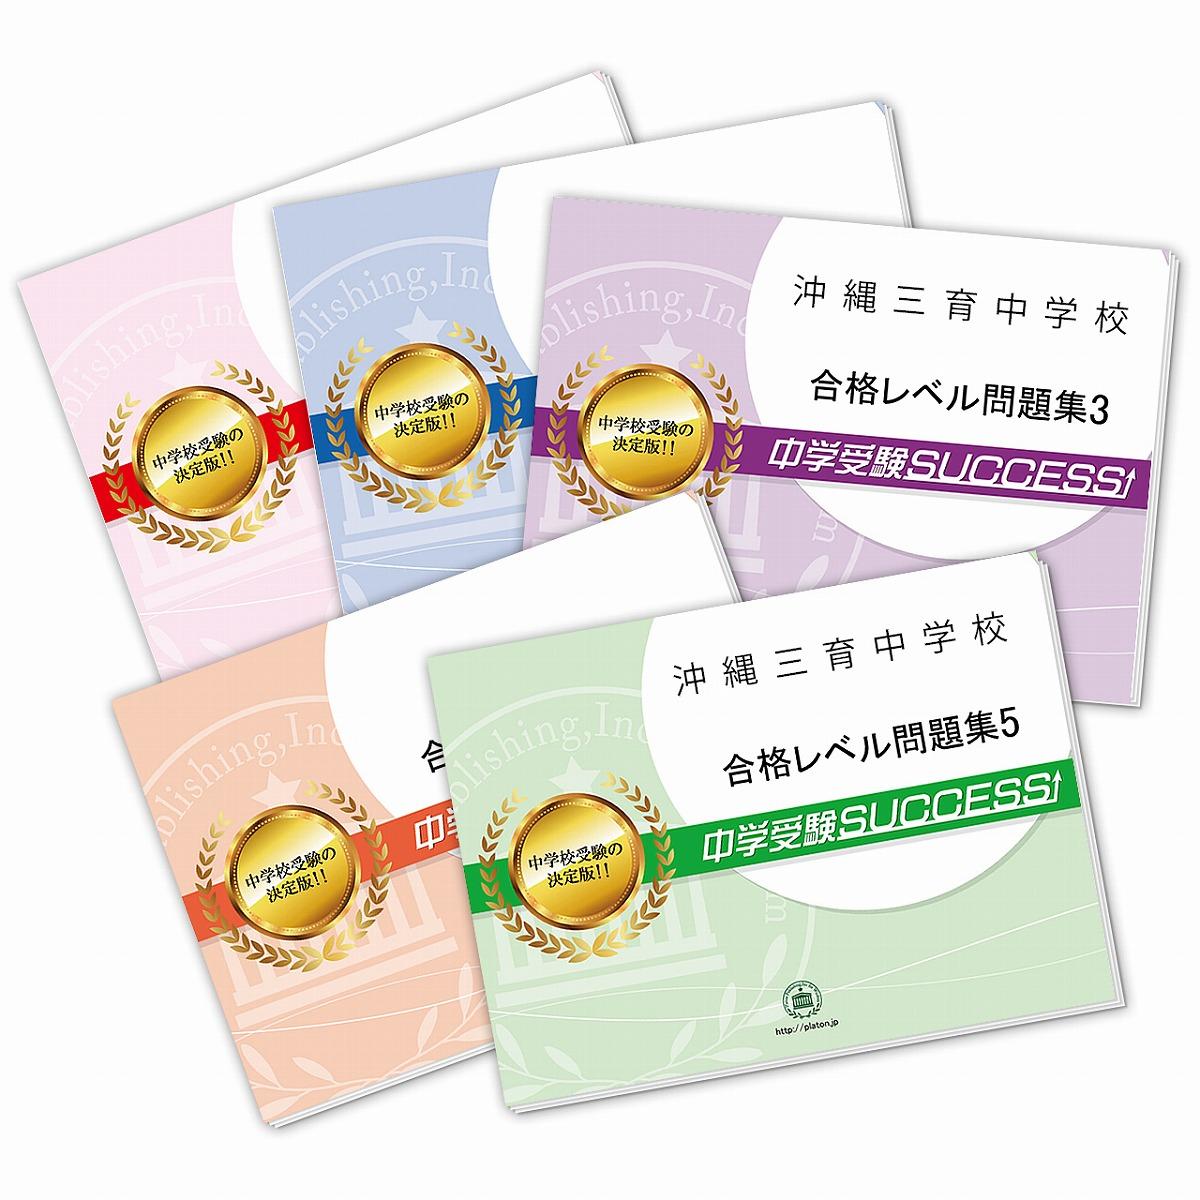 【送料・代引手数料無料】沖縄三育中学校・直前対策合格セット(5冊)